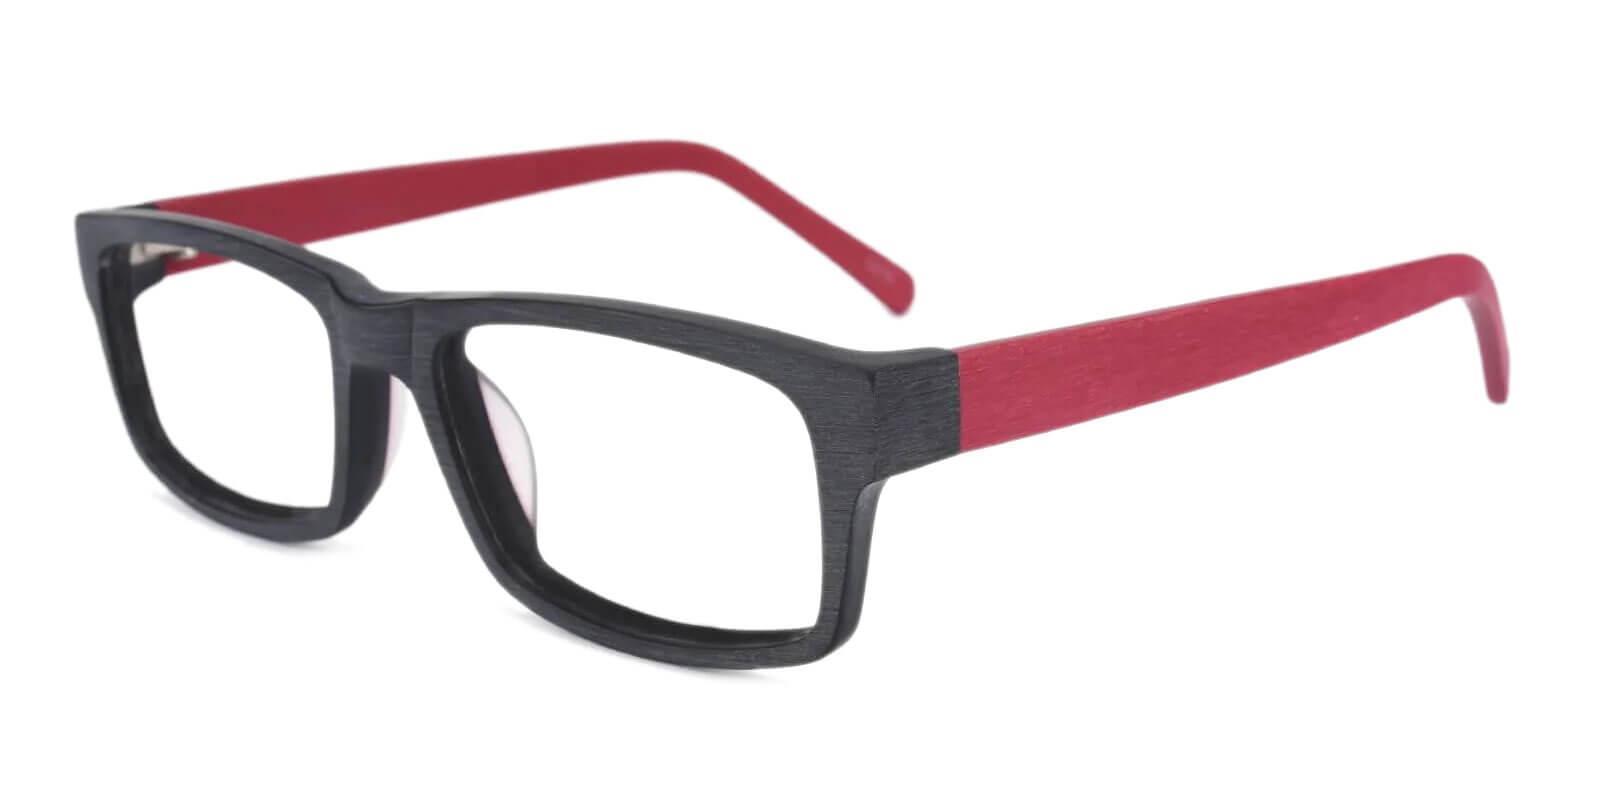 Beyond Red TR Eyeglasses , UniversalBridgeFit Frames from ABBE Glasses